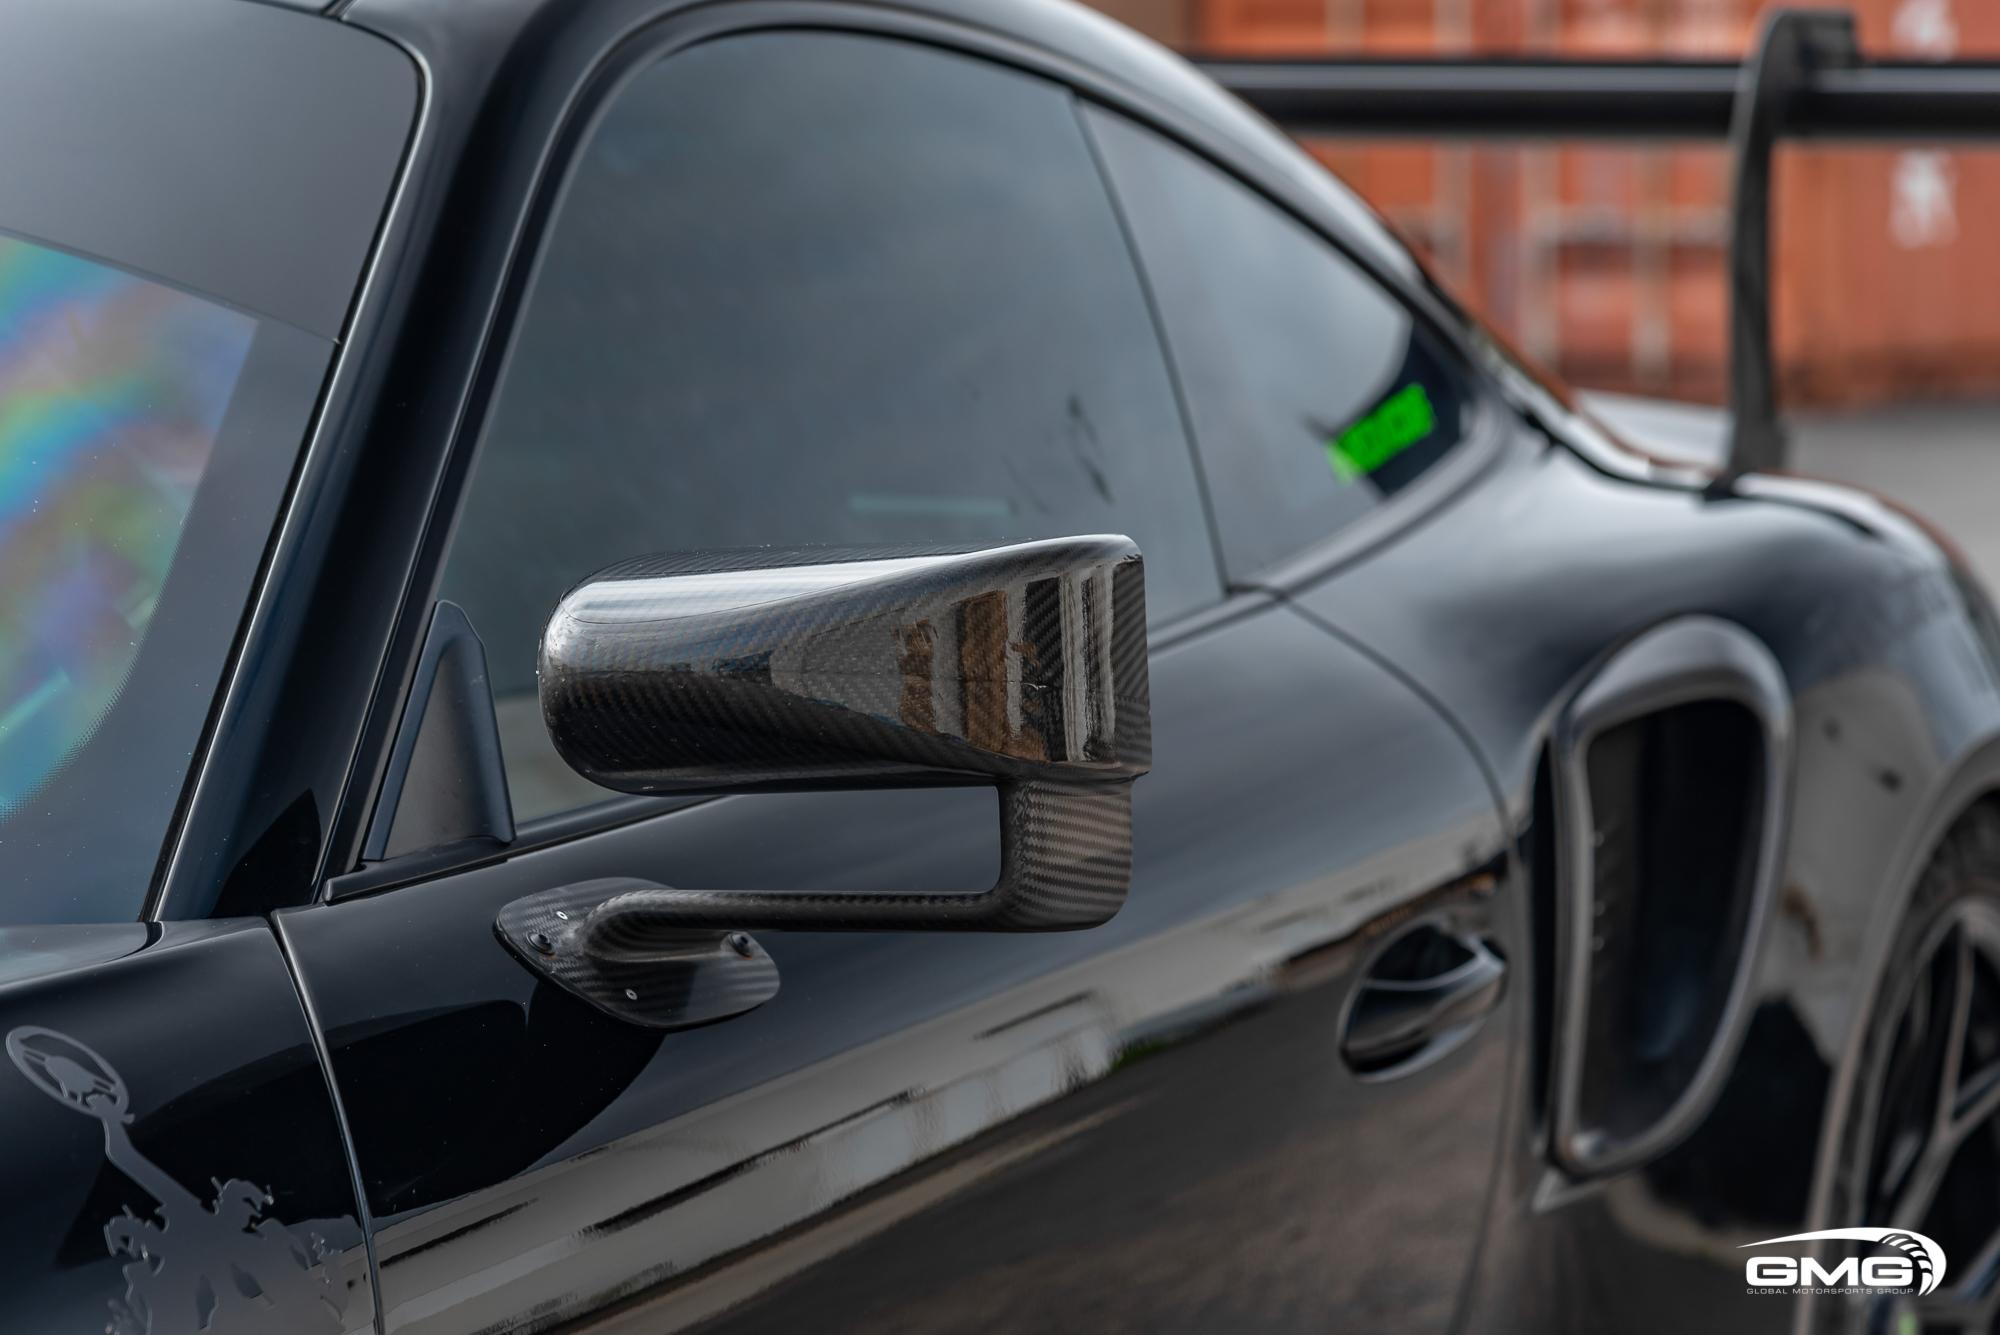 Black and Lizard Green Porsche 991.2 GT3 RS